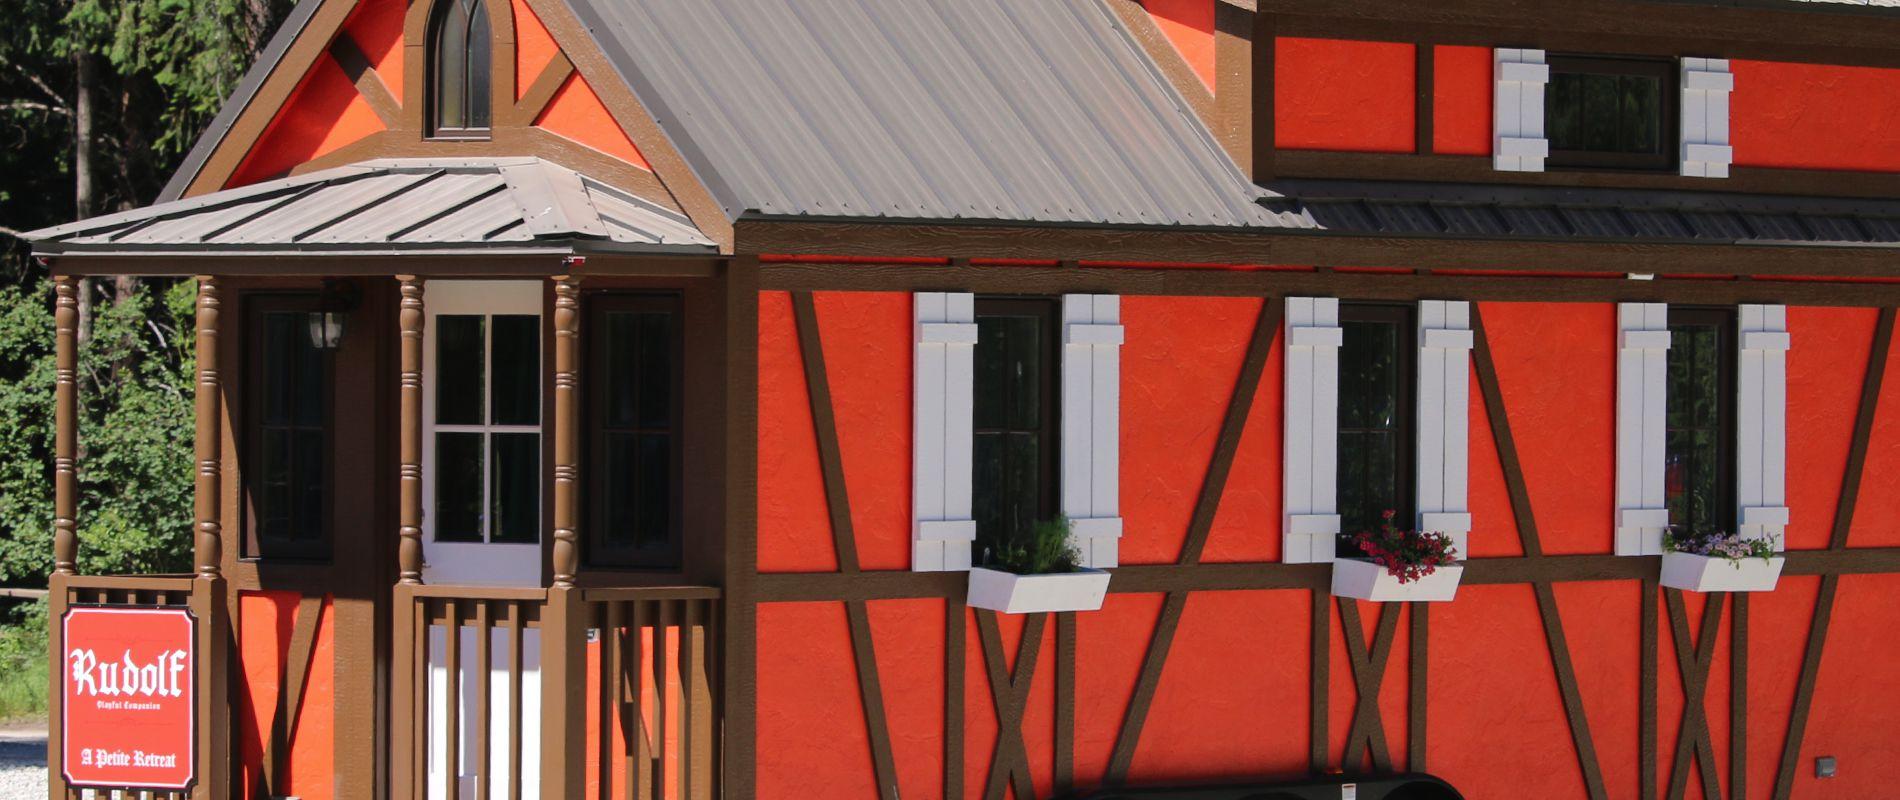 Rudolf Tiny House